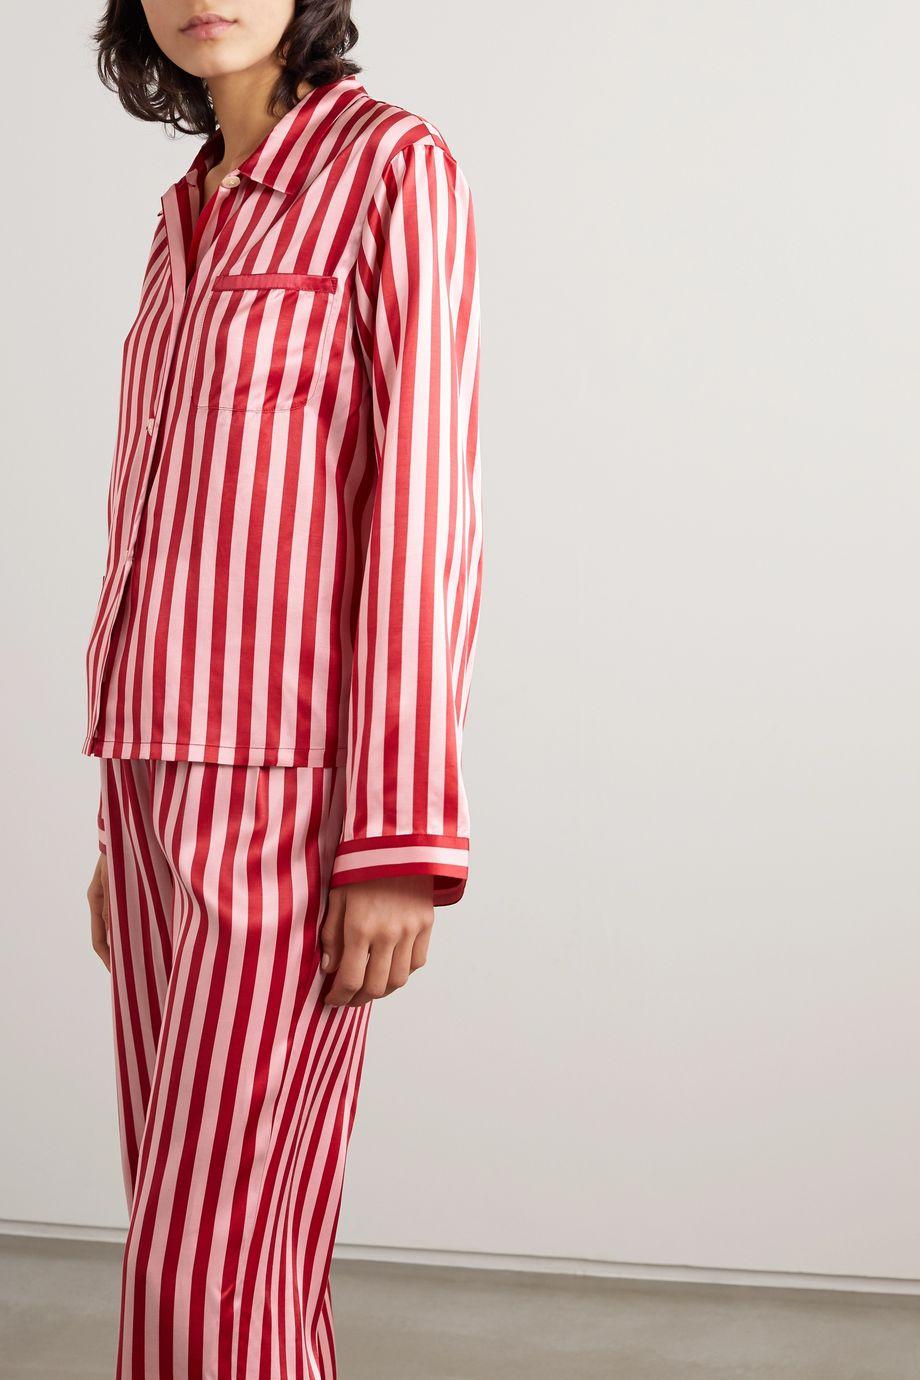 Morgan Lane Ruthie striped satin pajama shirt